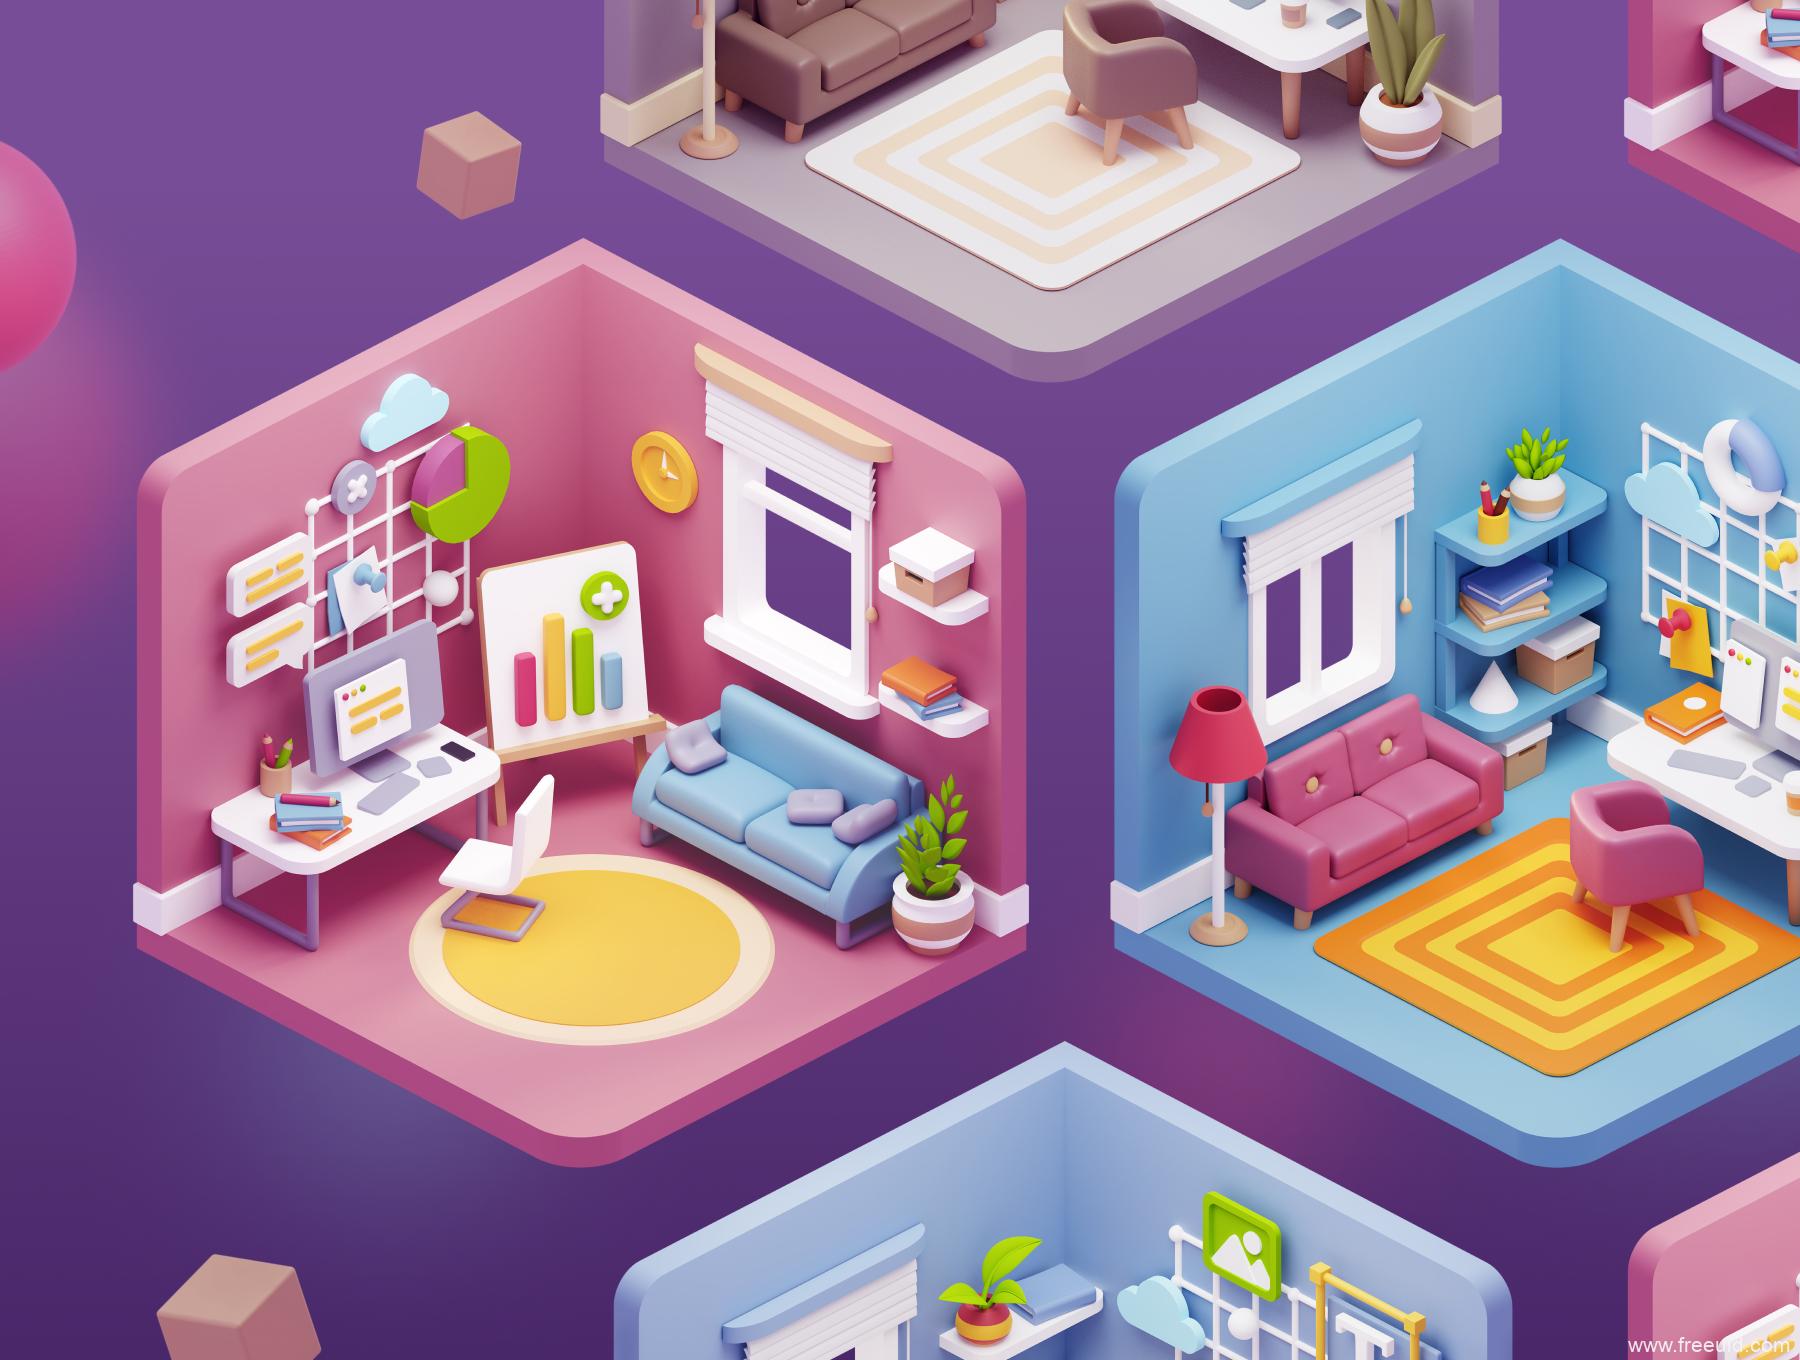 一套3D小房间插画系统源文件下载,矢量运营3D插画房间元素源文件下载